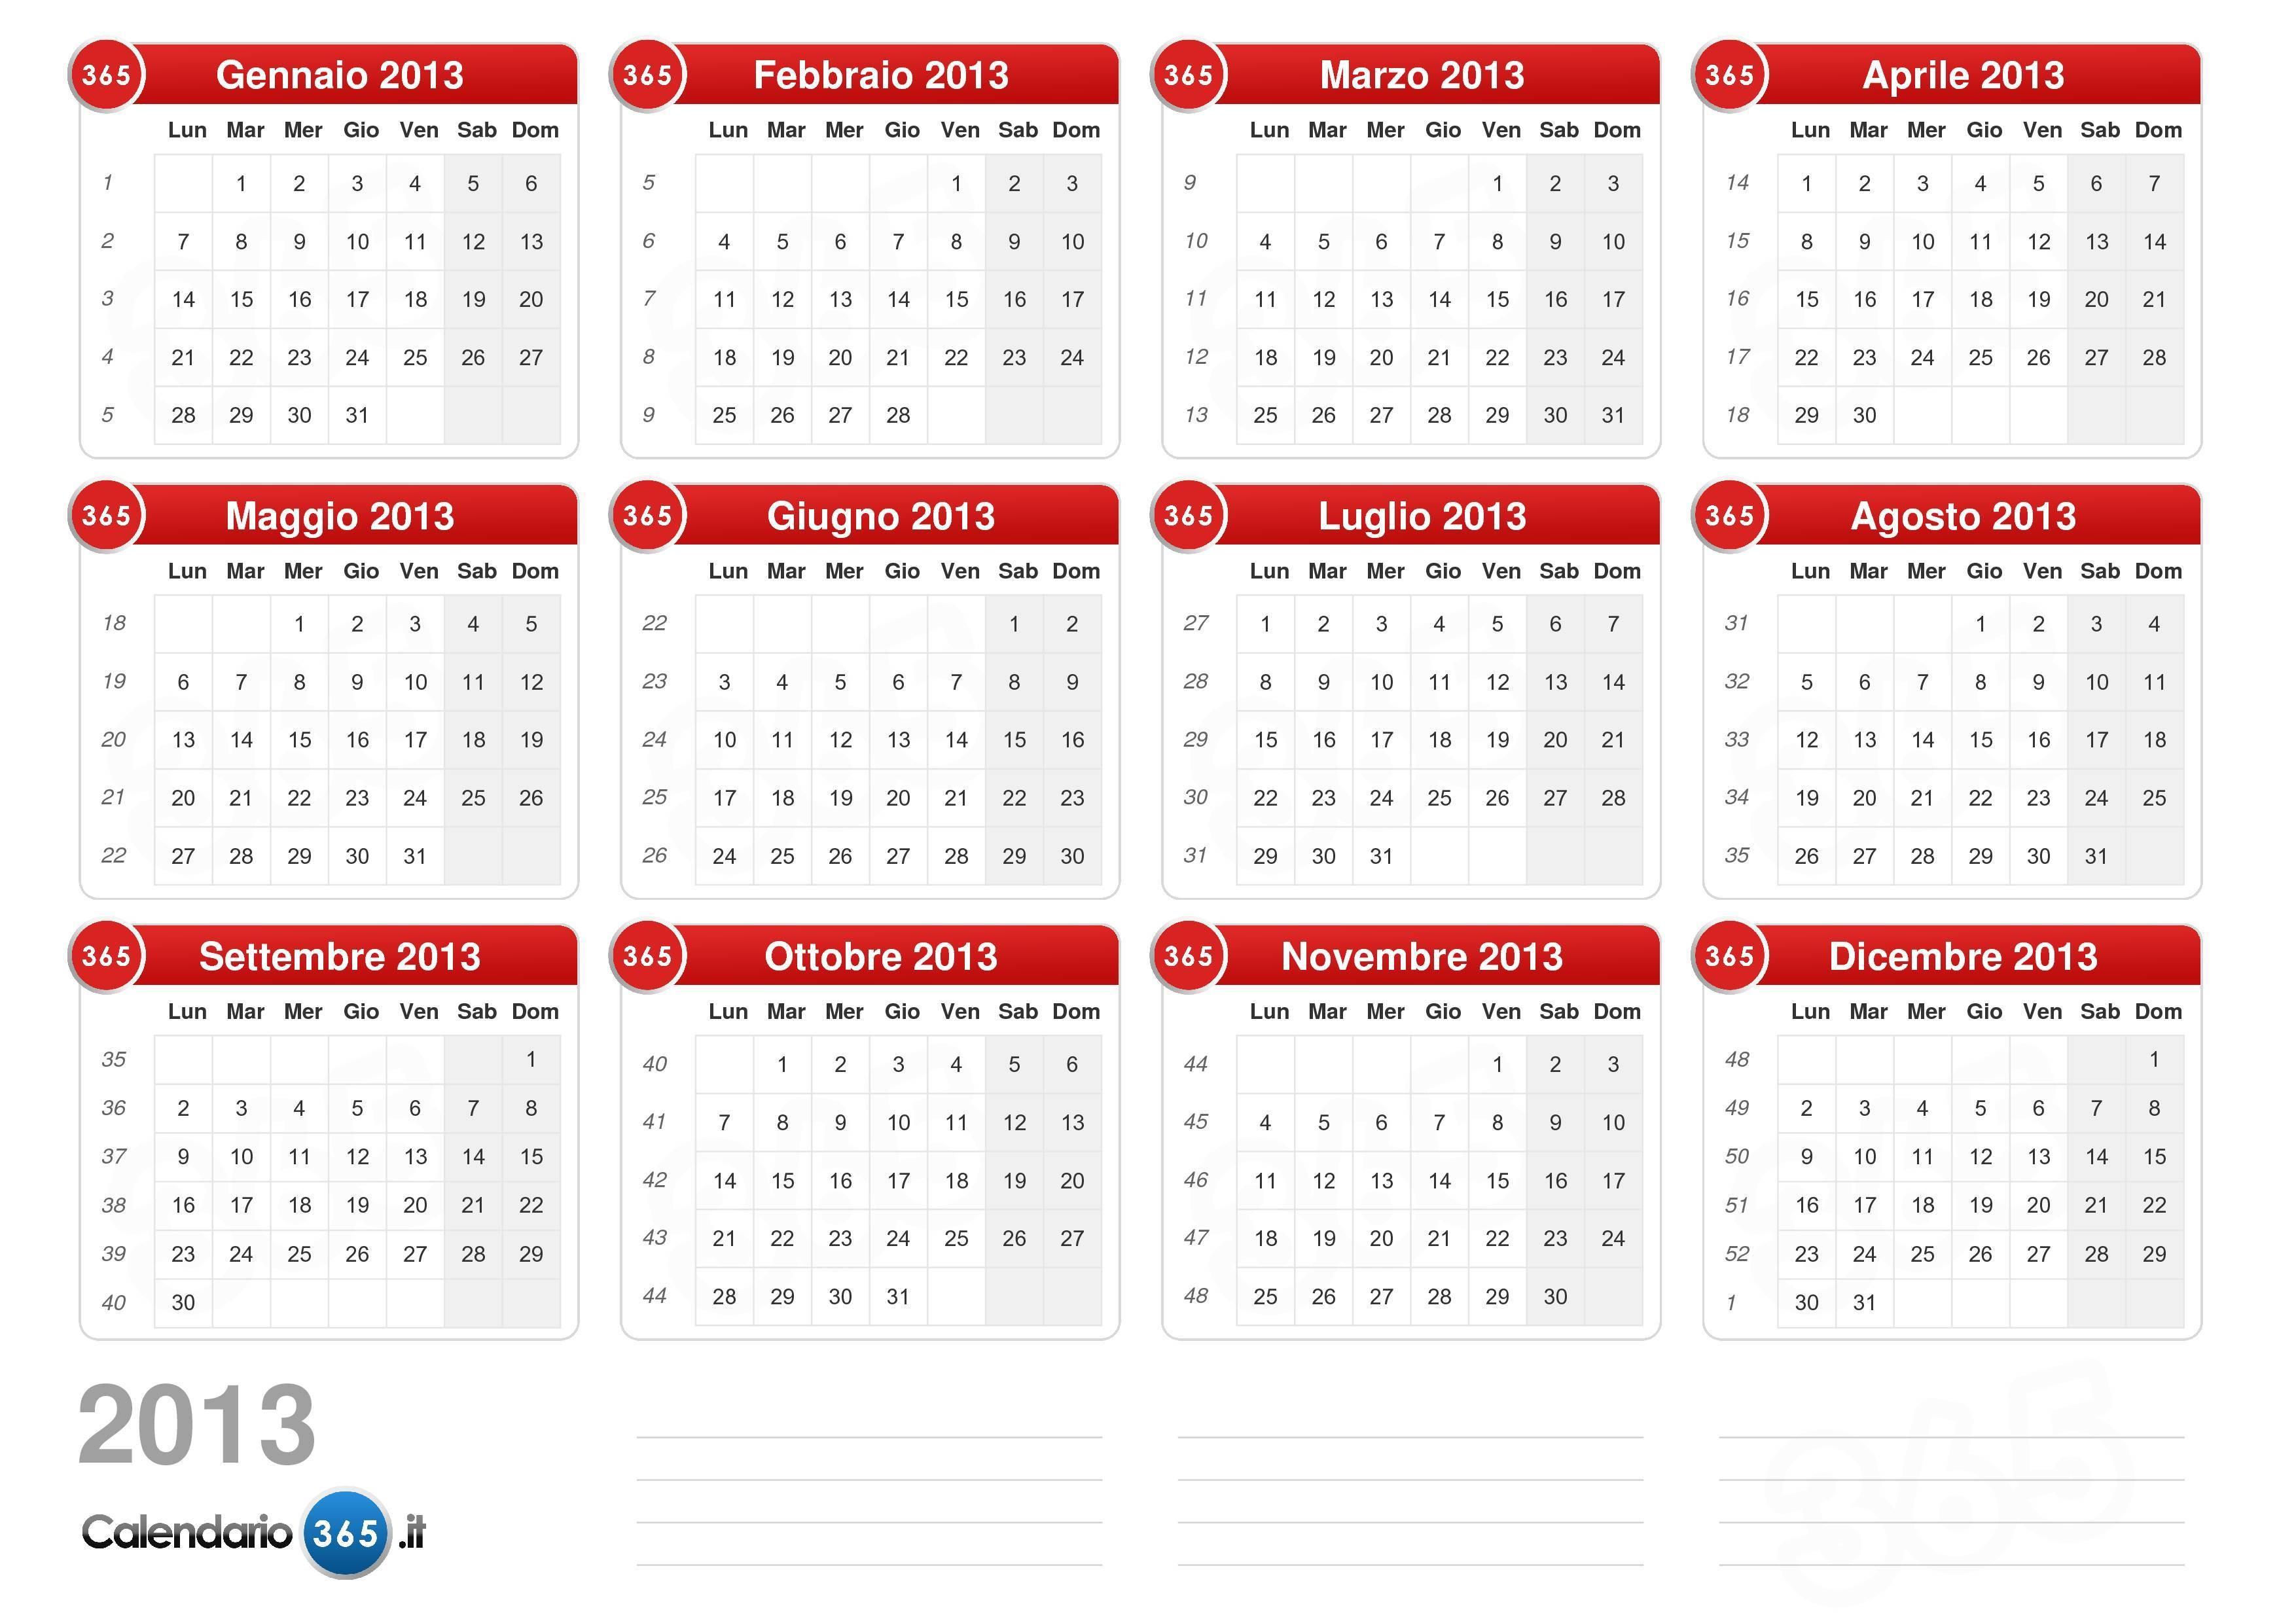 Calendario 2019 Con Santi Febbraio Más Caliente Calendario 2013 Of Calendario 2019 Con Santi Febbraio Más Recientemente Liberado Calendario 2009 Da Stampare Con Festivita Santi E Fasi Lunari